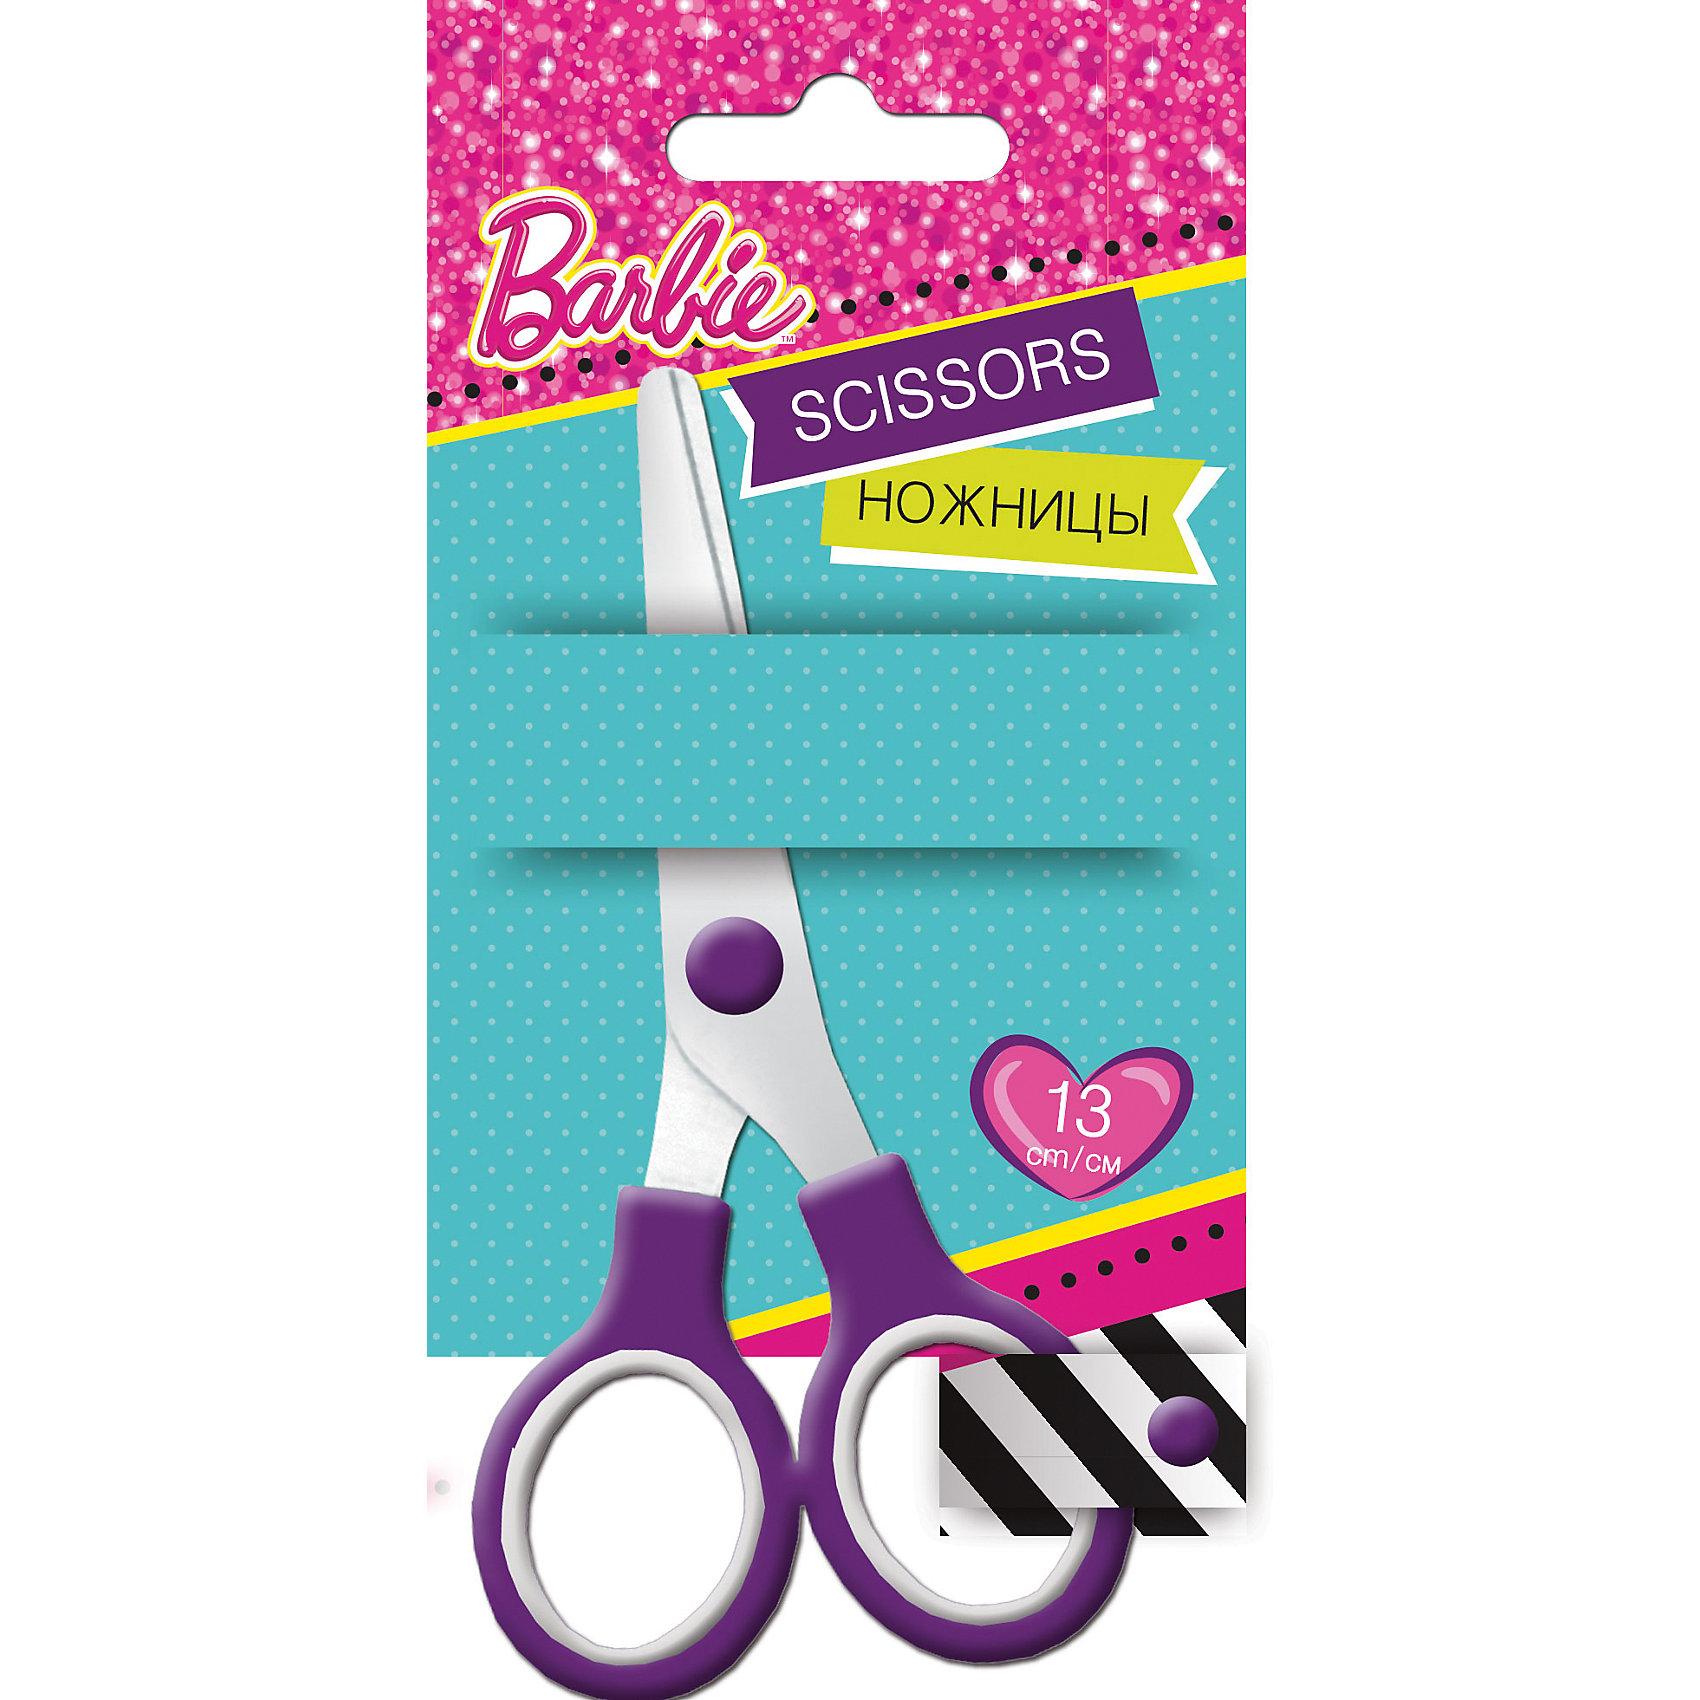 Ножницы Barbie 13 смДетские ножницы 13 см. с безопасными закругленными лезвиями, изготовленными из нержавеющей стали. Специальные ручки ножниц адаптированы для детской руки.<br><br>Дополнительная информация: <br><br>Ножницы 13 см, 1 шт. Гравировка логотипа на лезвиях.<br>Размер упаковки: 16 х 8 х 1 см.<br><br>Ножницы Barbie (Барби) 13 см можно купить в нашем магазине.<br><br>Ширина мм: 160<br>Глубина мм: 80<br>Высота мм: 10<br>Вес г: 35<br>Возраст от месяцев: 96<br>Возраст до месяцев: 108<br>Пол: Женский<br>Возраст: Детский<br>SKU: 4140946